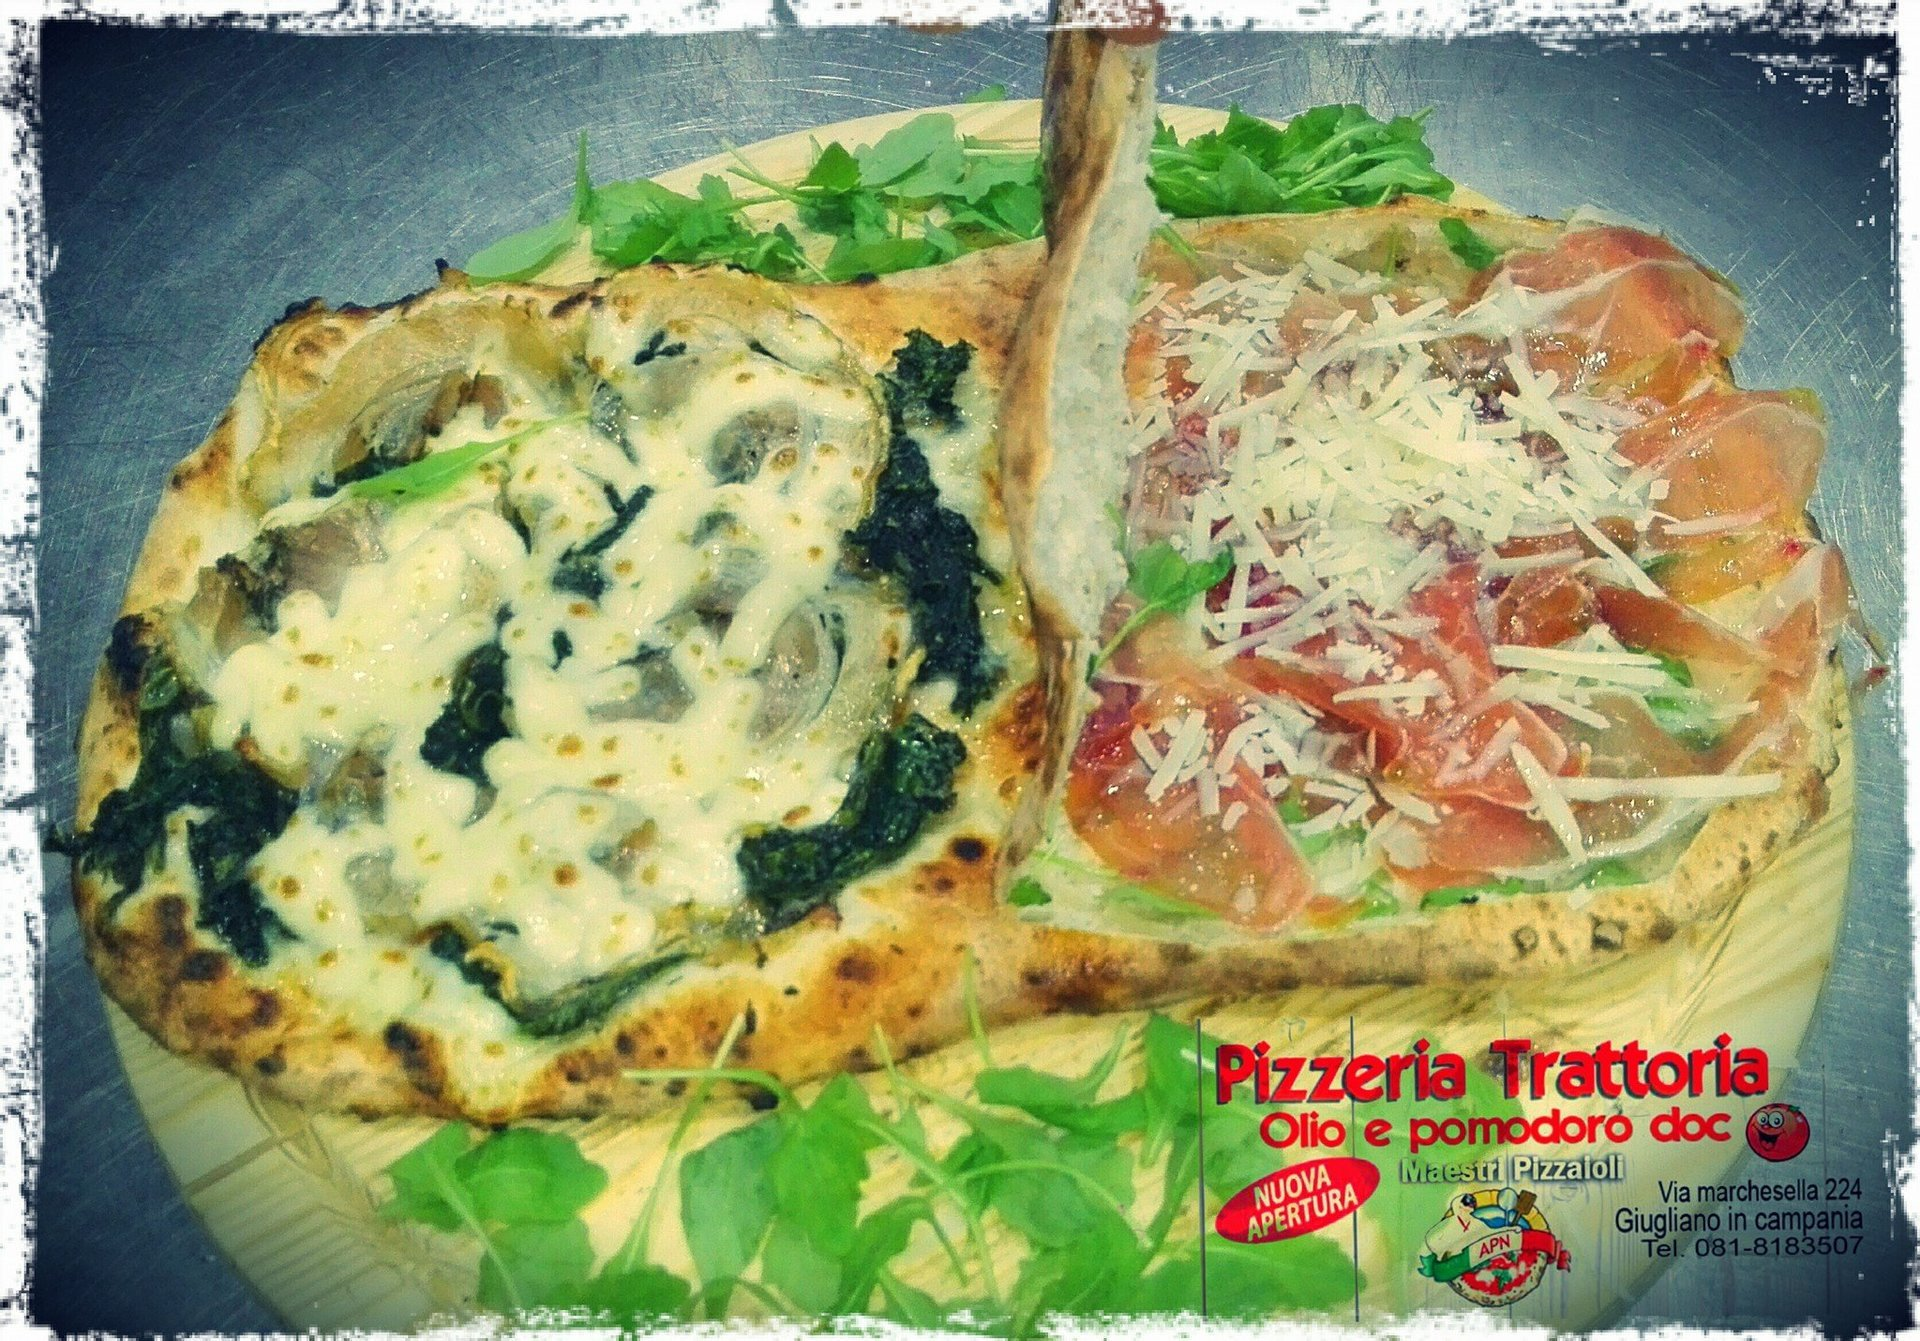 metà pizza metà saltimbocca